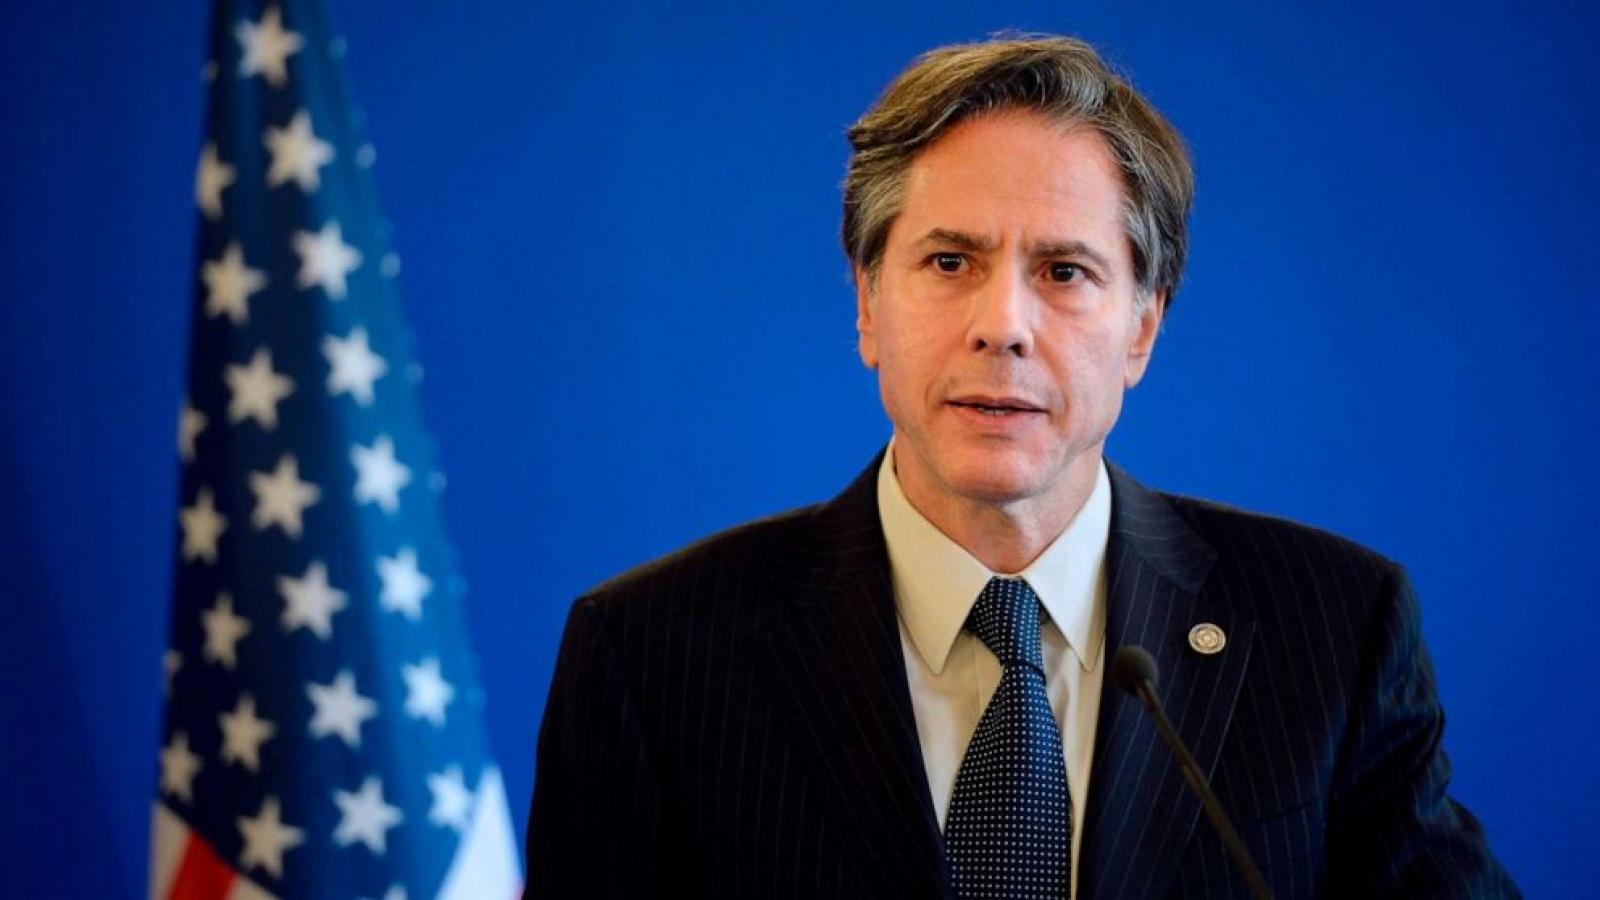 Ngoại trưởng Mỹ và các nước châu Âu lên án vụ tấn công tên lửa tại Iraq